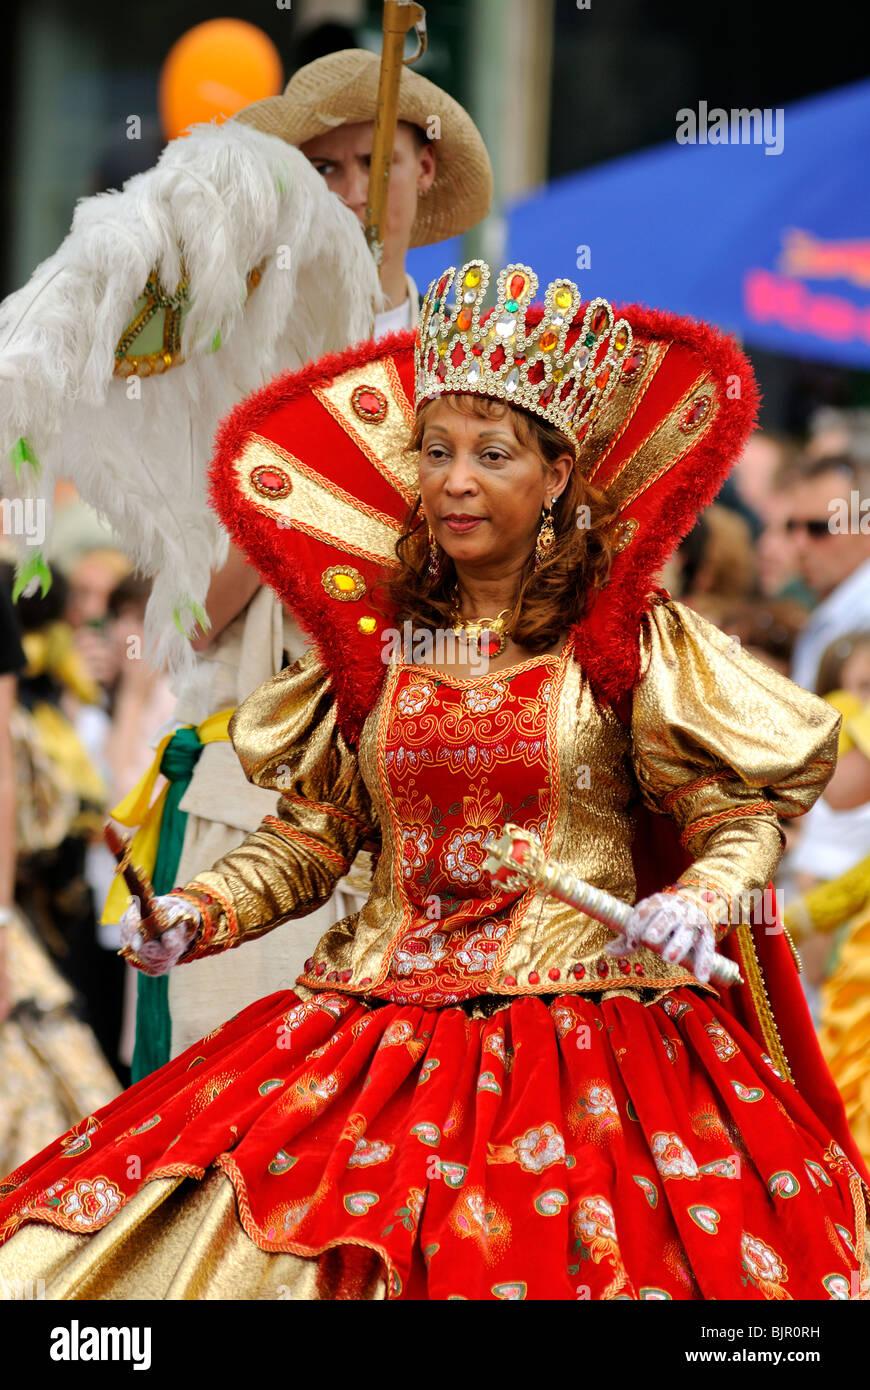 Karneval der Kulturen, Carnaval des Cultures, Berlin, Kreuzberg, Germany, Europe Photo Stock